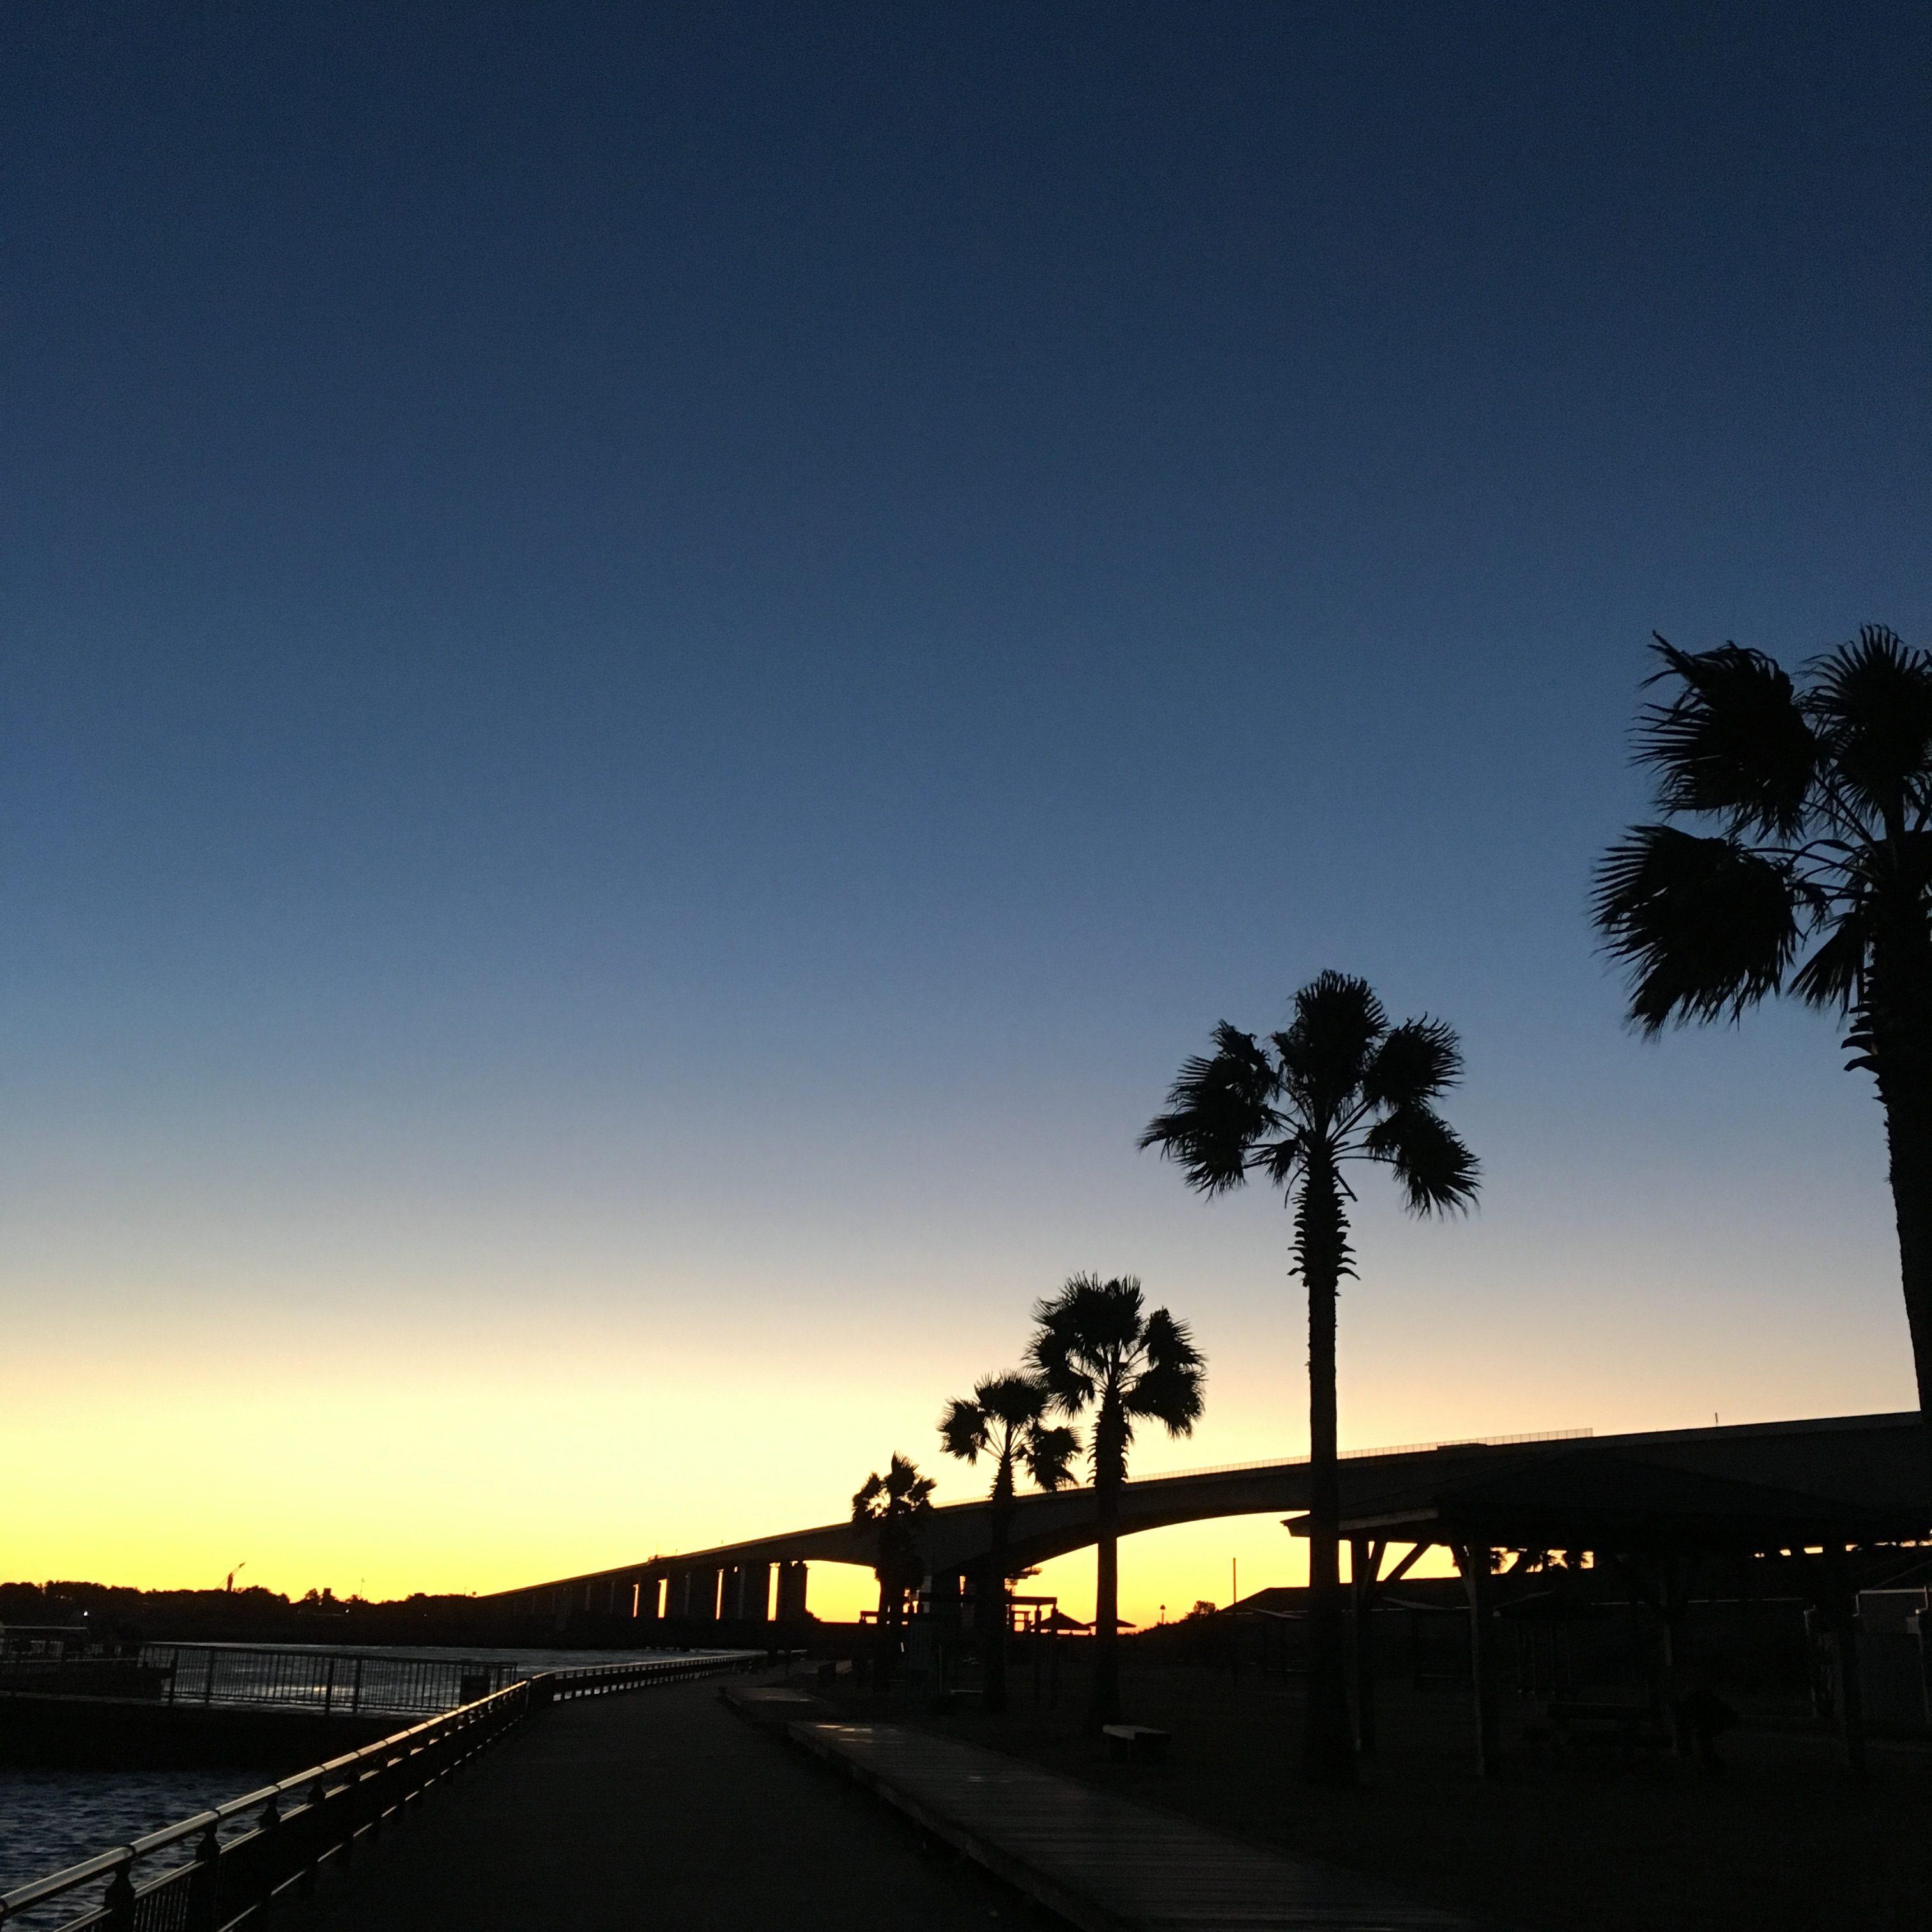 新居弁天海釣公園の夜明け